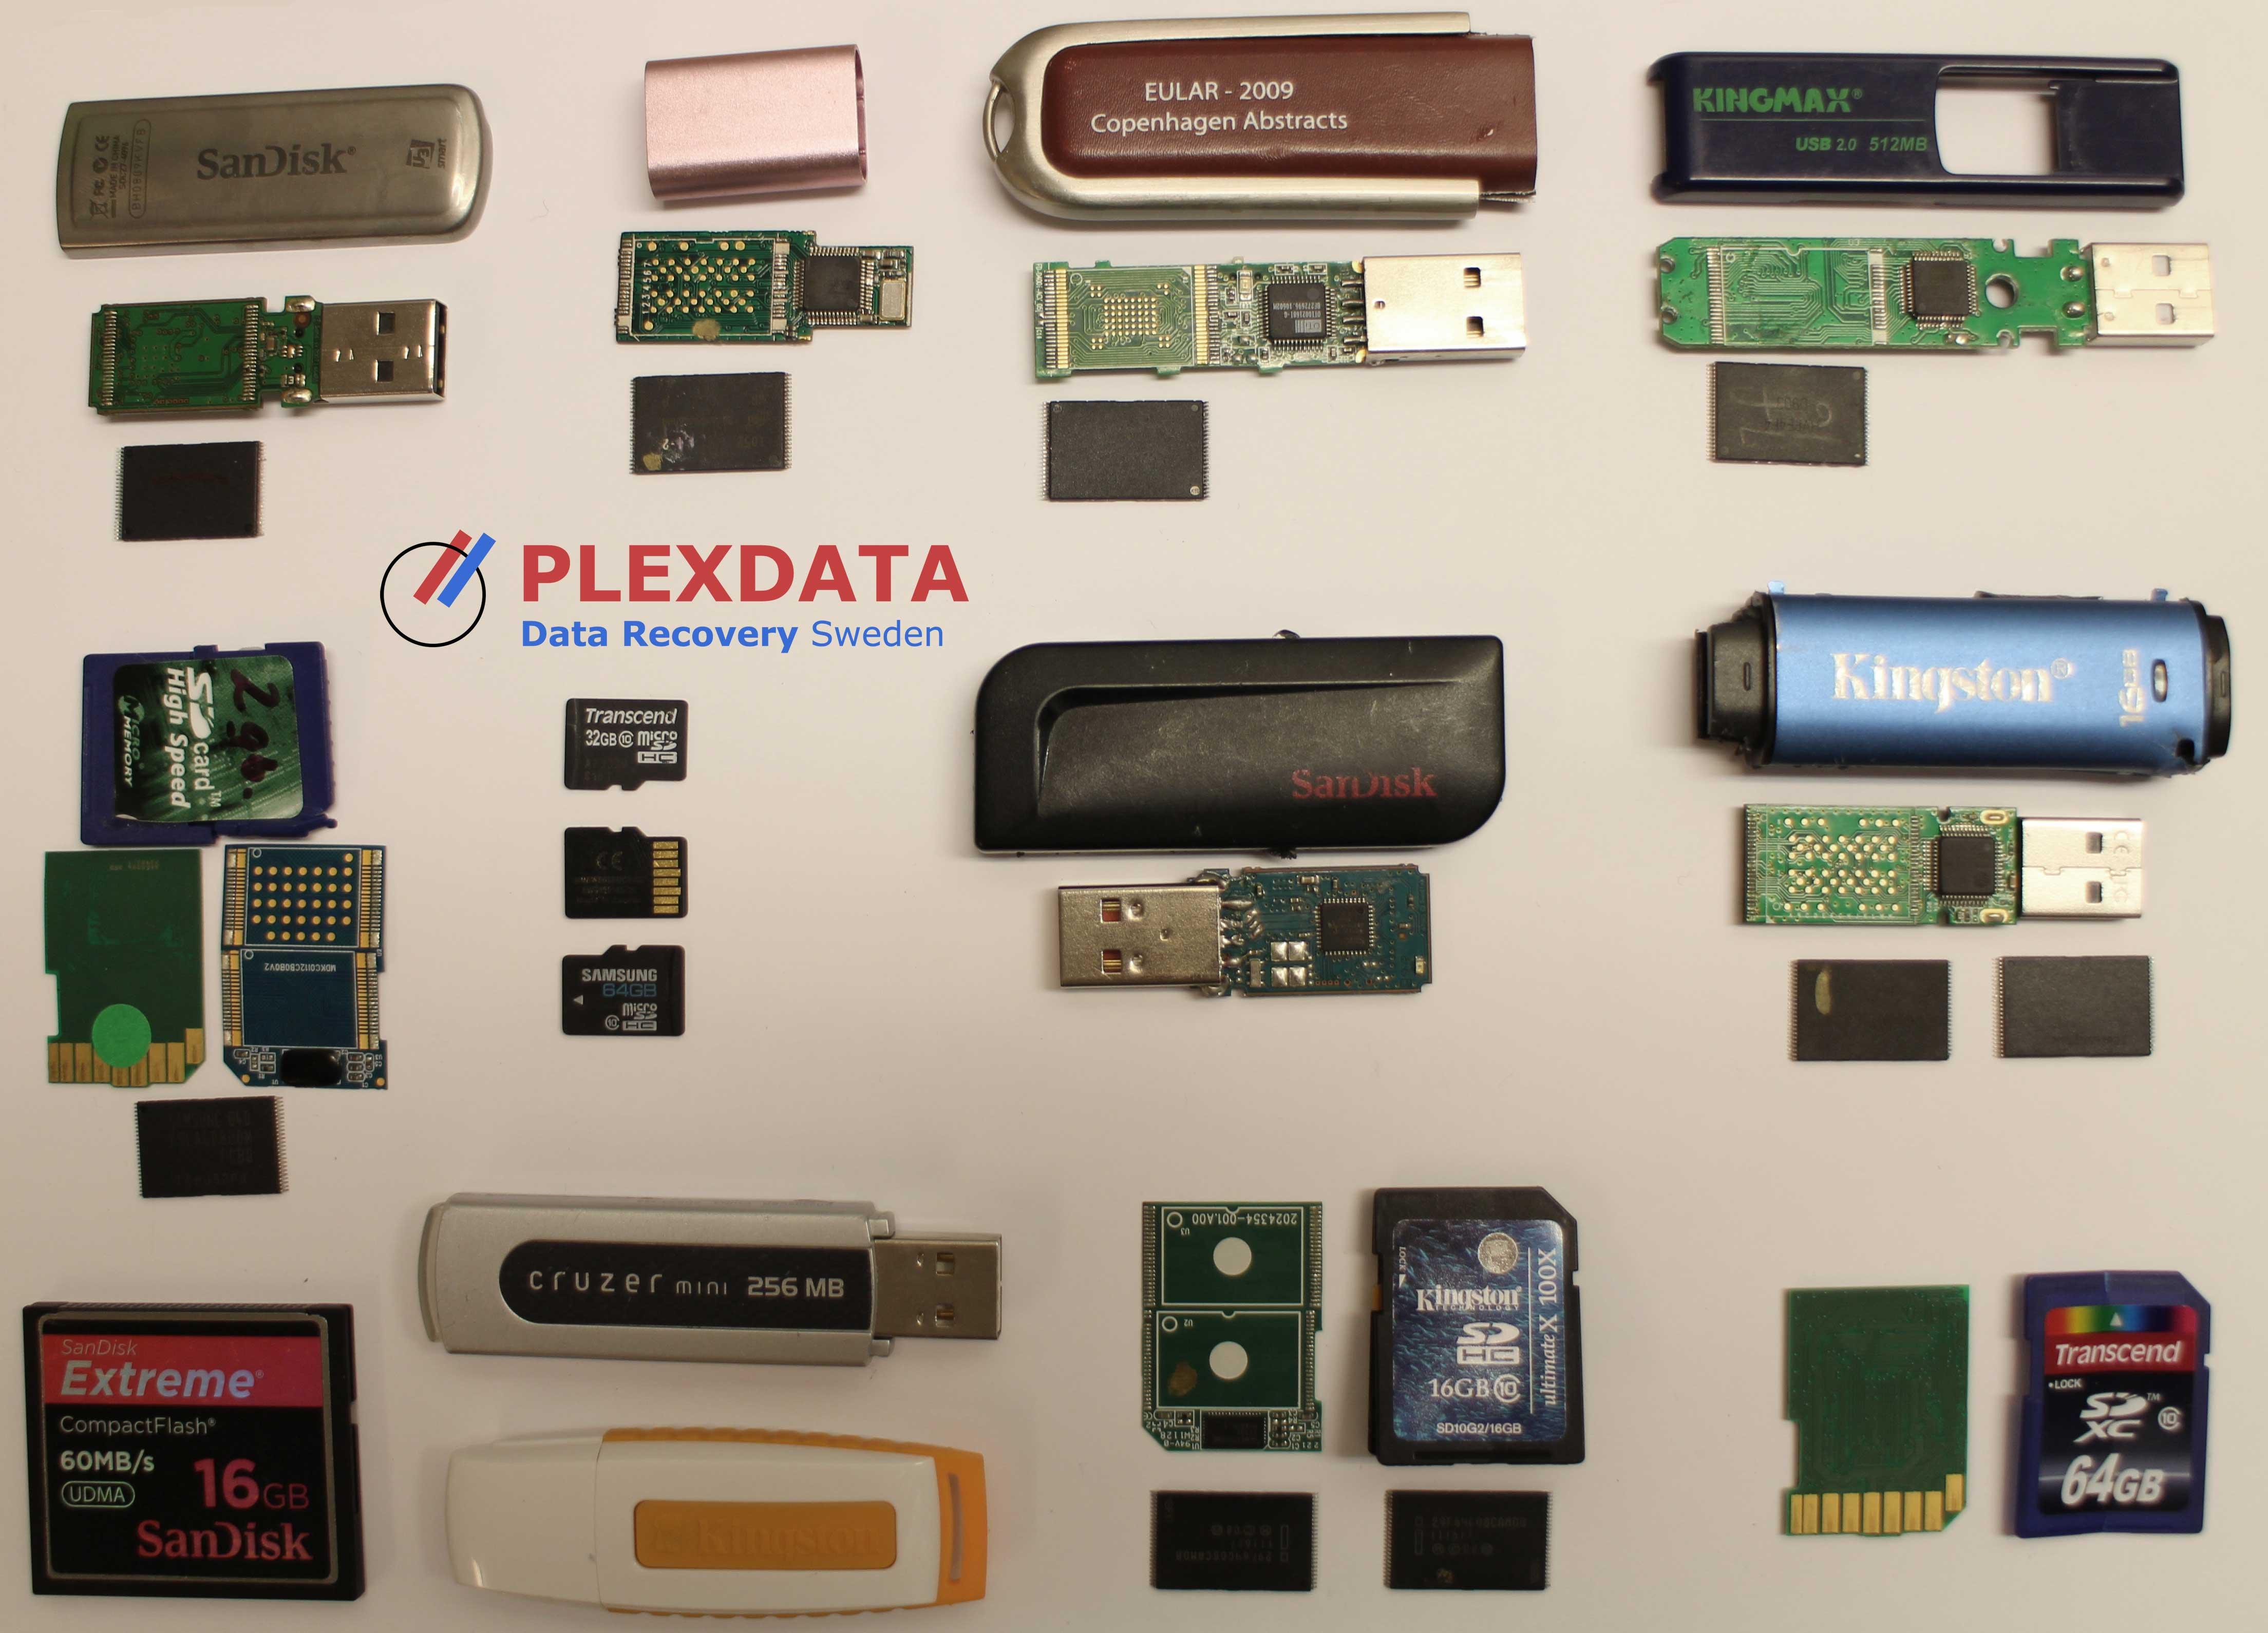 Trasigt minneskort, dött usbminne, rädda bilder microsd, återskapa bilder Sdkort, trasigt Comnpactflash,